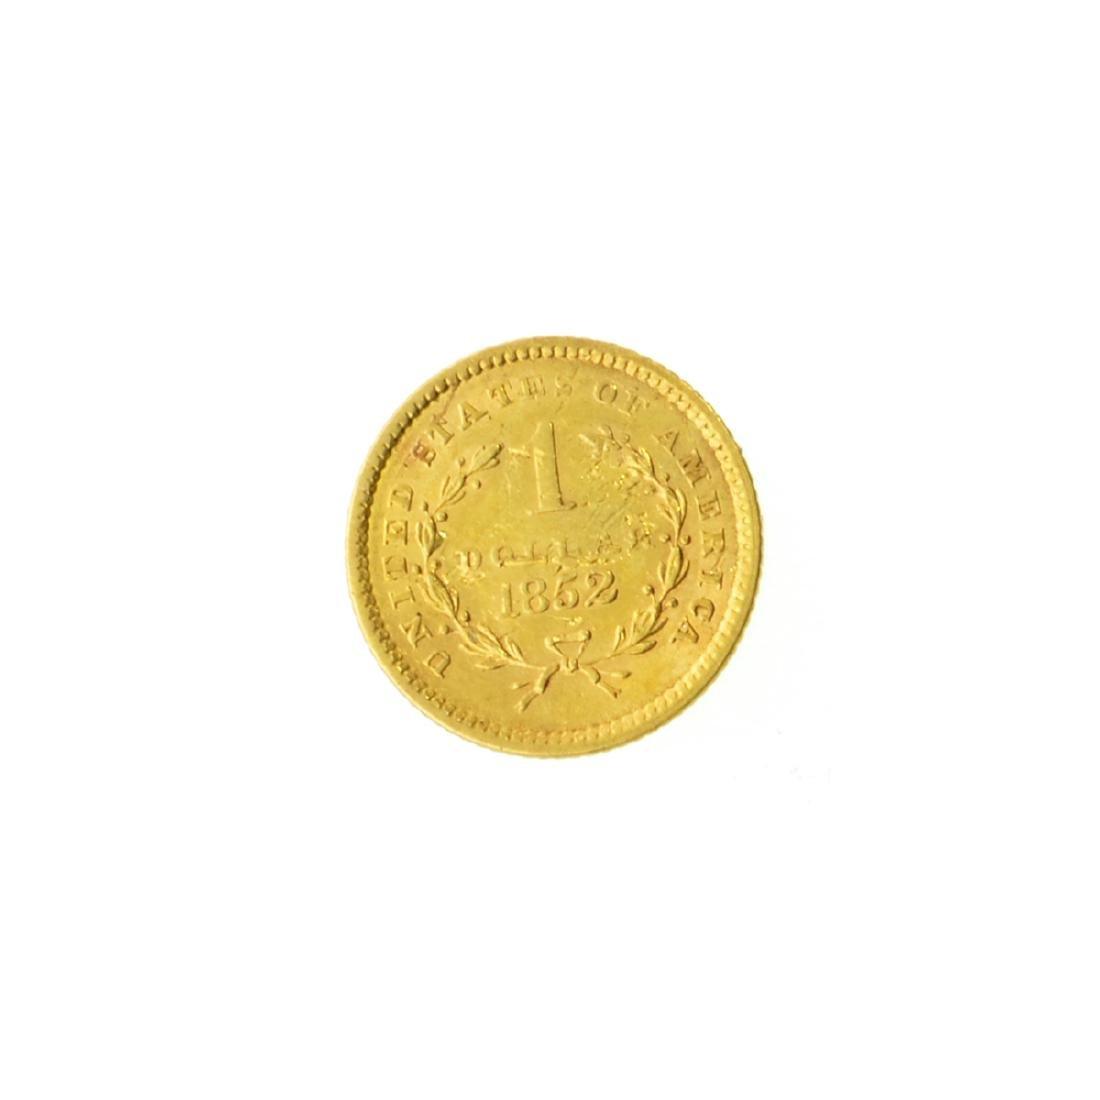 *1852 $1 U.S. Liberty Head Gold Coin (PS-JWJ) - 2